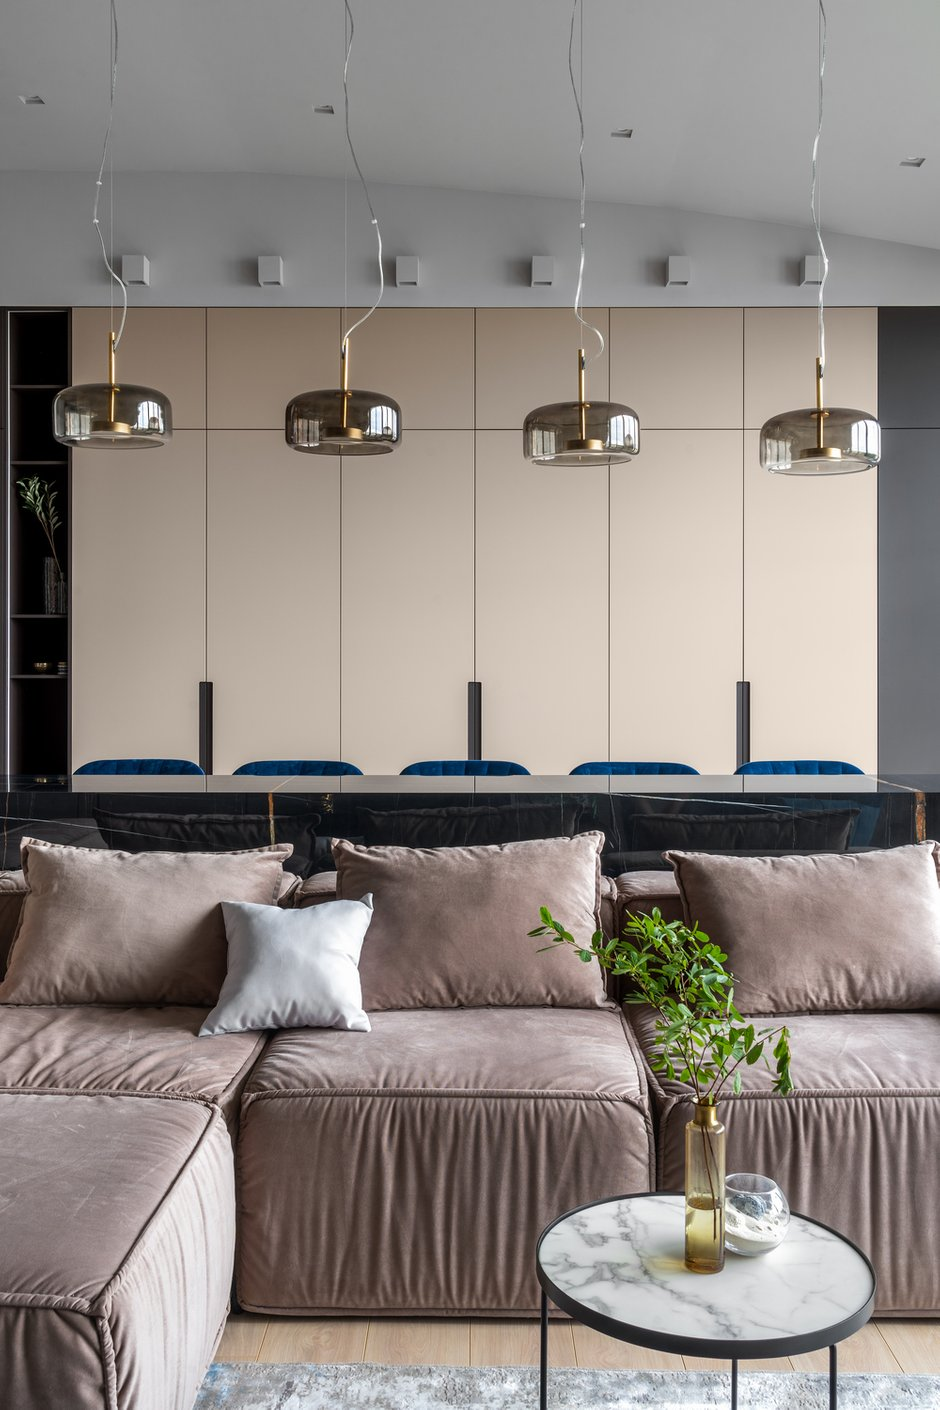 Практически вся мебель изготовлена на заказ. Шкафы сливаются со стеной и играют роль общего фона пространства. По центру гостиной расположили каменный остров, он заменяет обеденный стол.